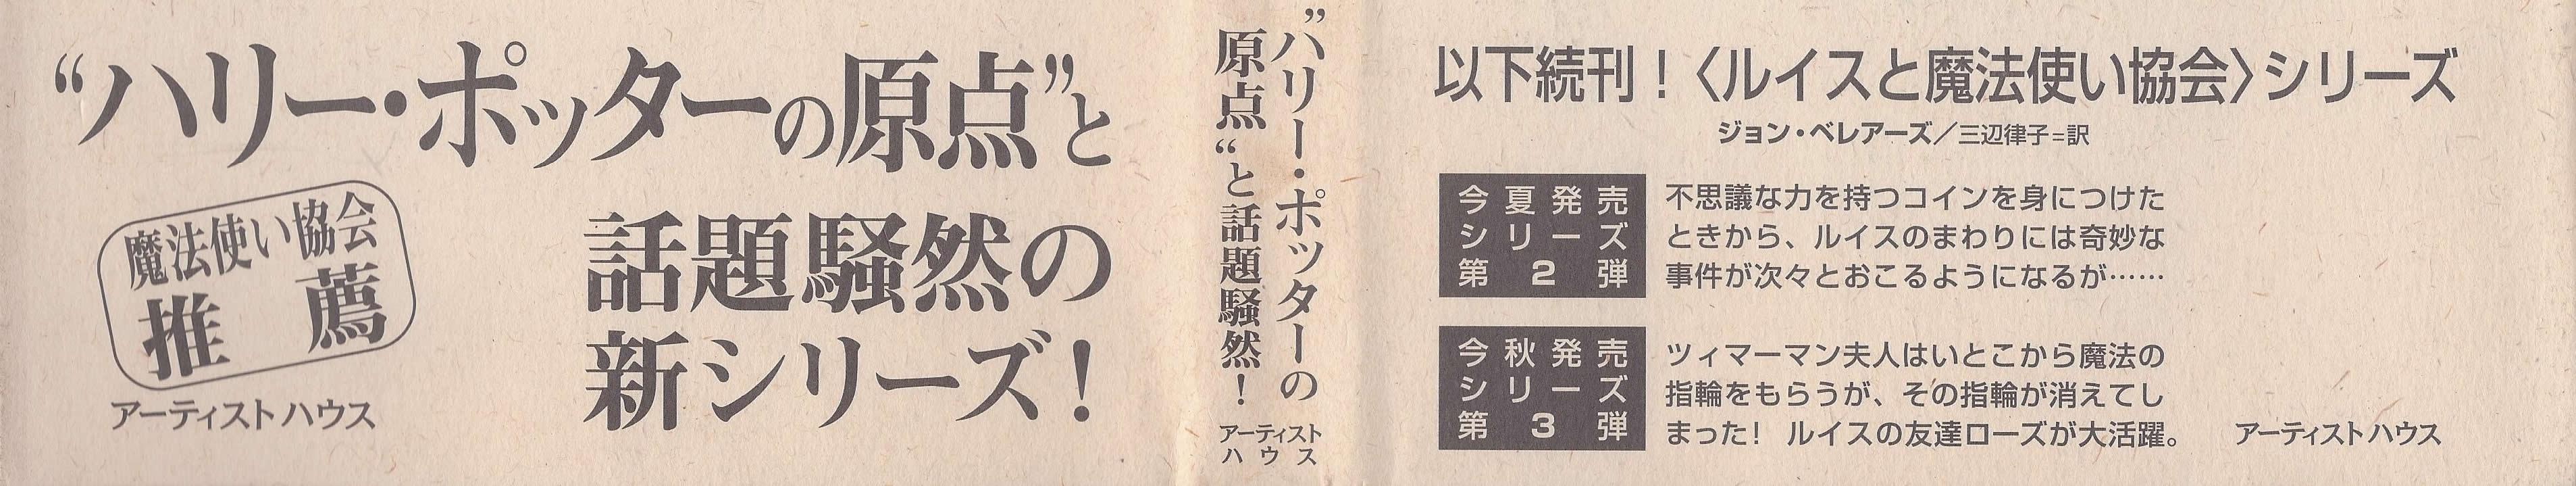 壁のなかの時計 (2001)